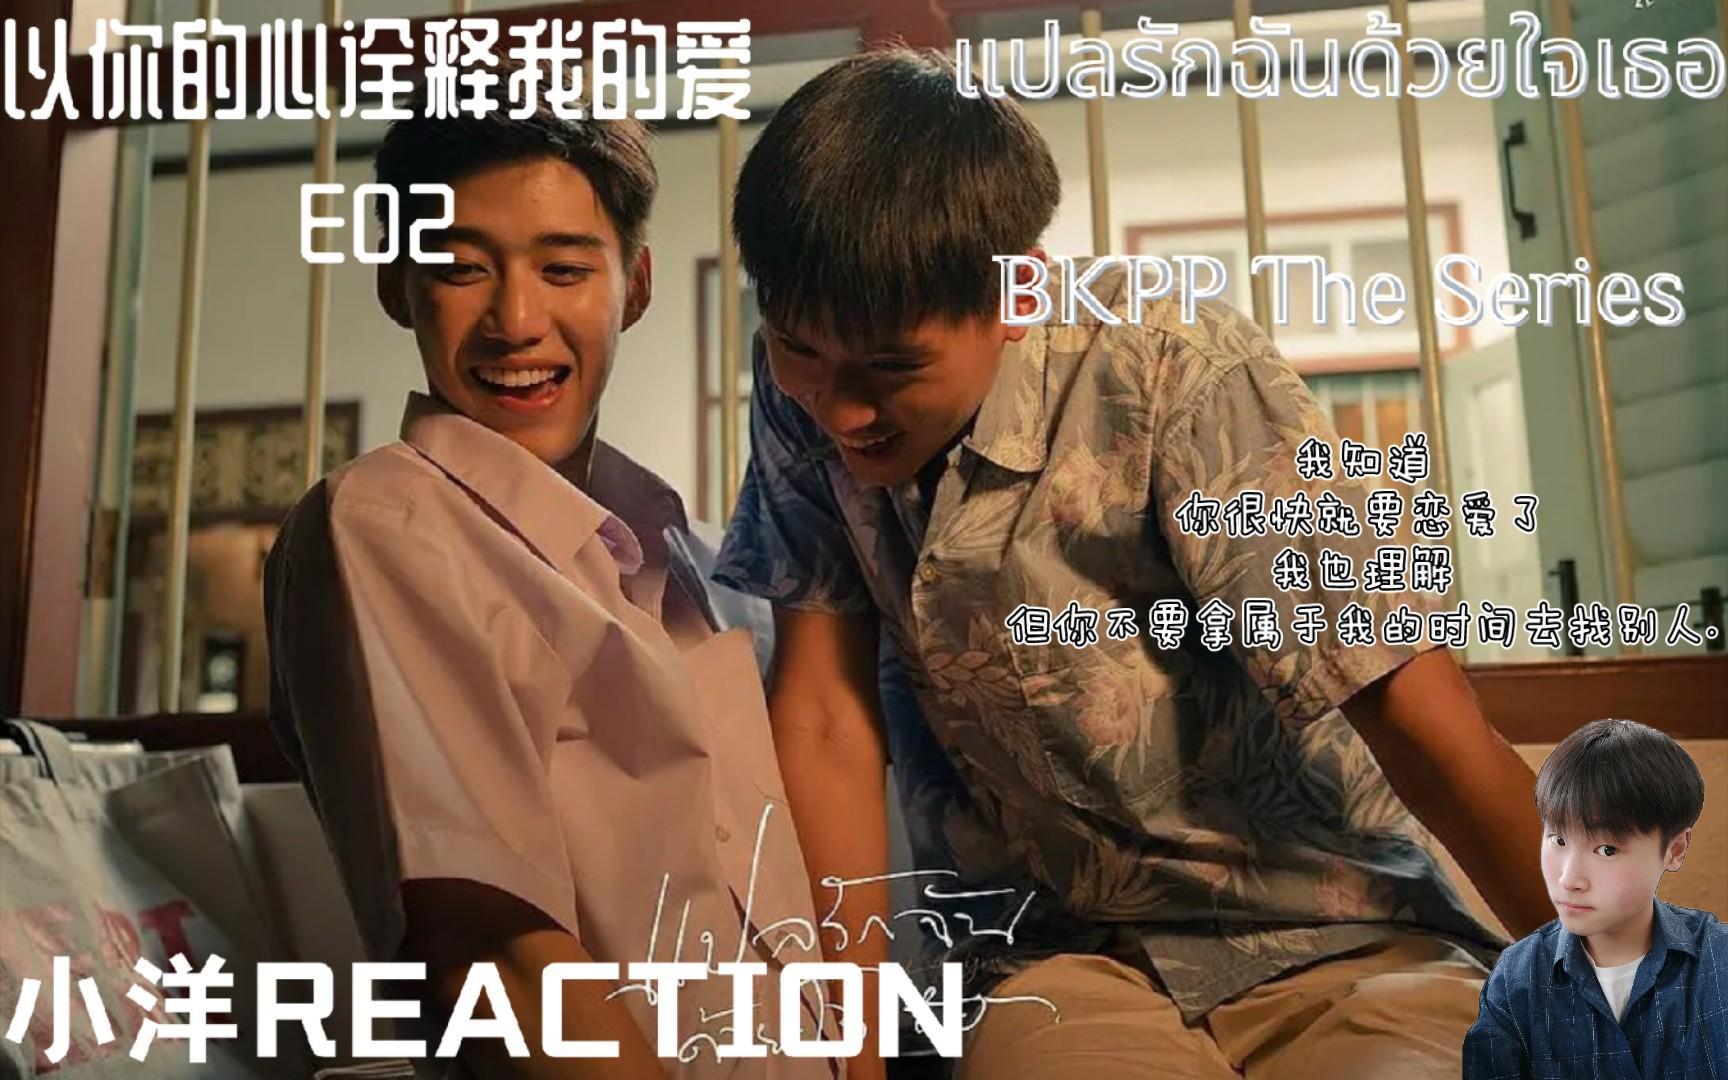 【小洋REACTION】E02 以你的心诠释我的爱REACTION 我知道 你很快就要恋爱了 我也理解 但你不要拿属于我的时间去找别人.德,你确定这是朋友关系?